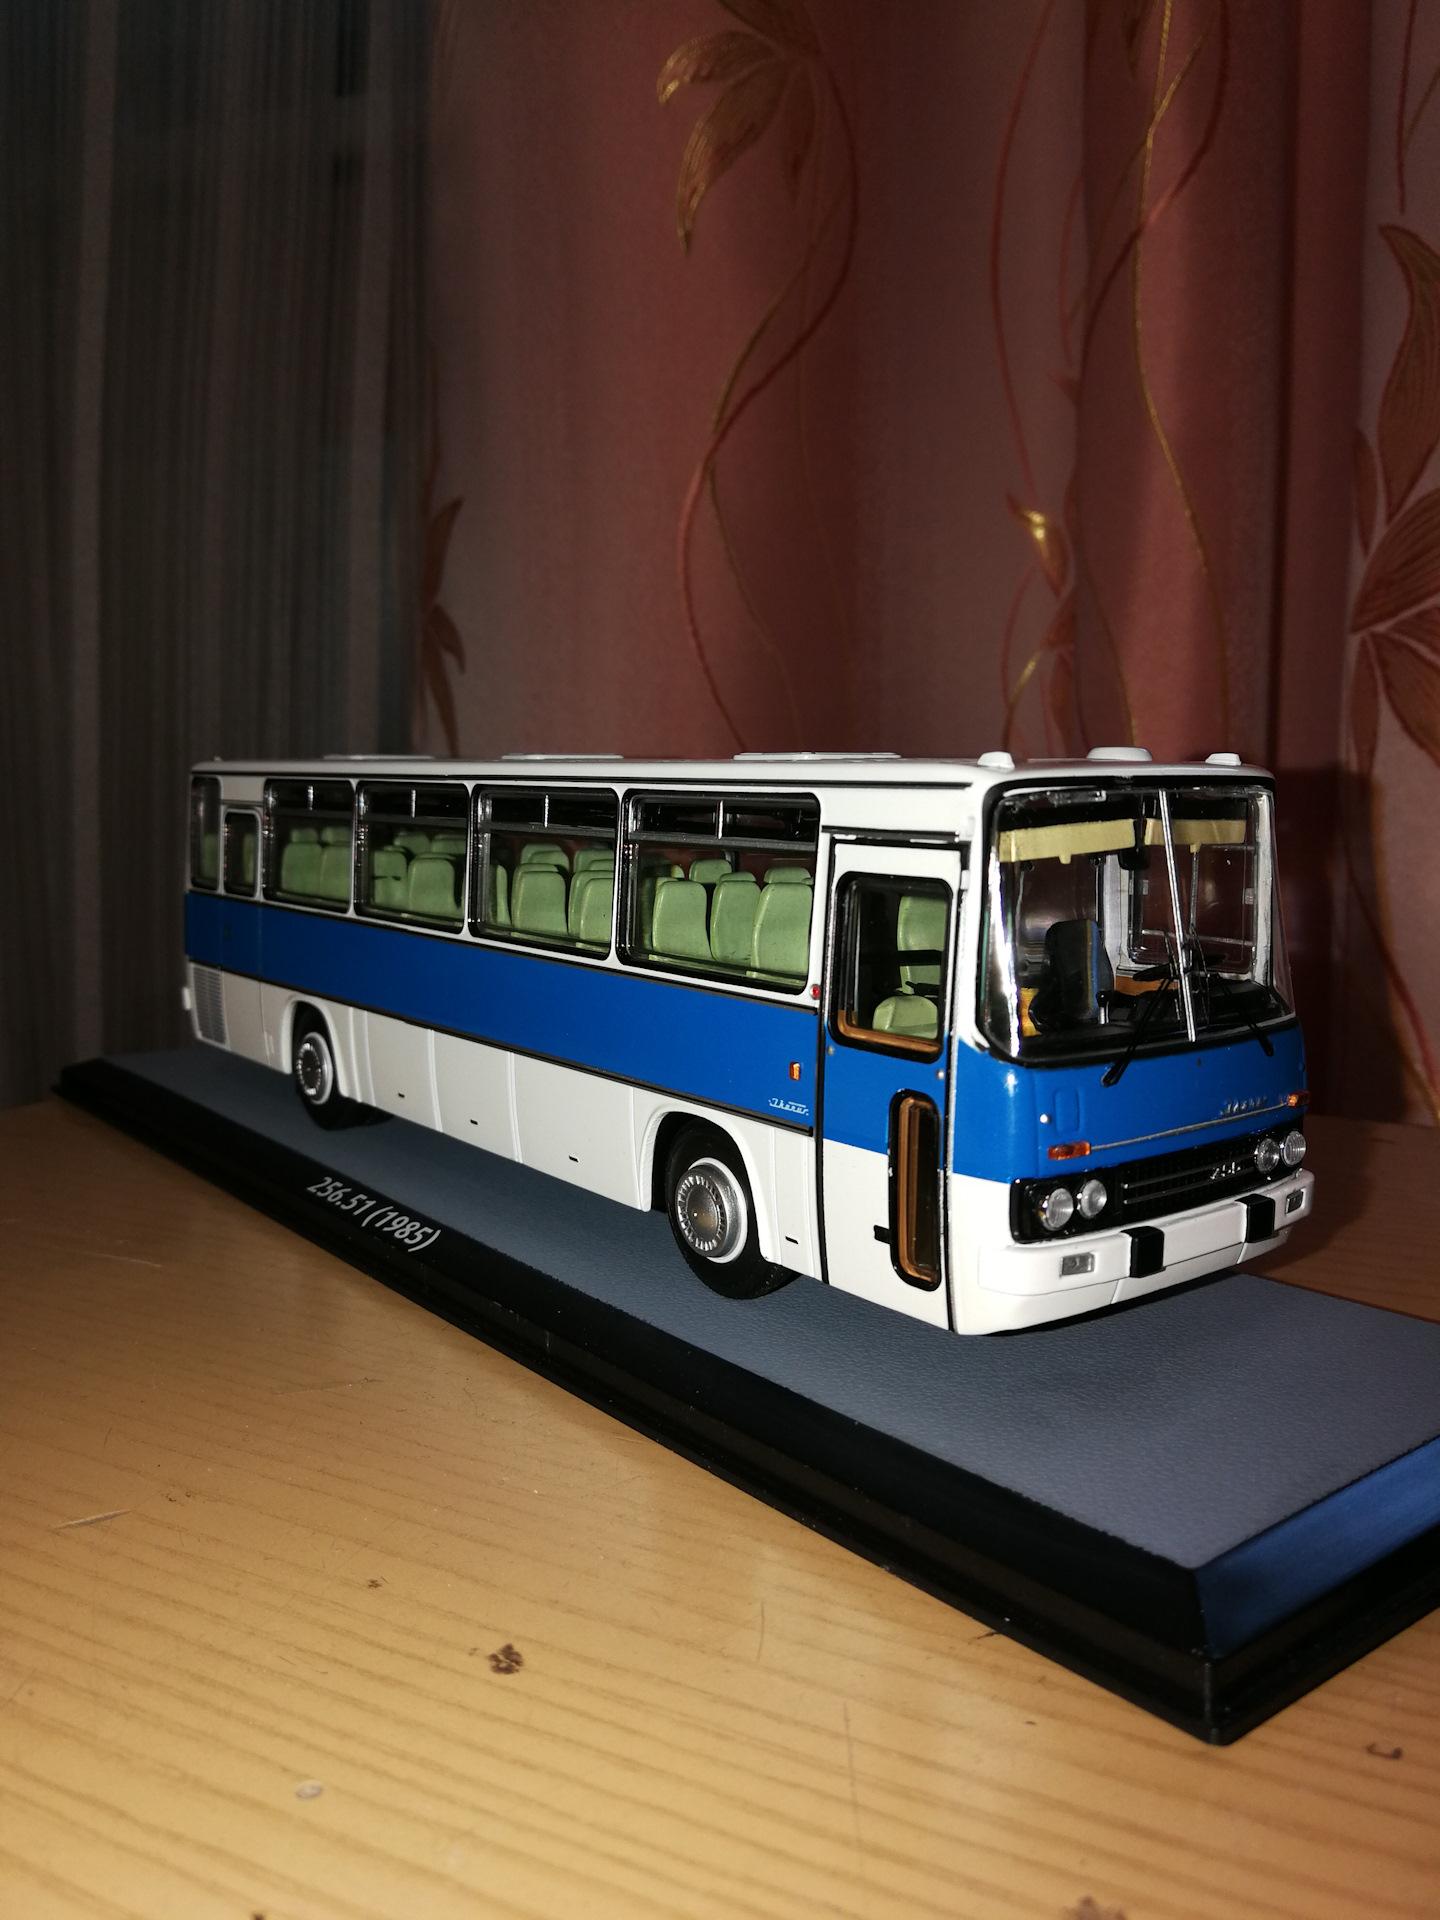 диагностики масштабные модели автобусов фото для охраны